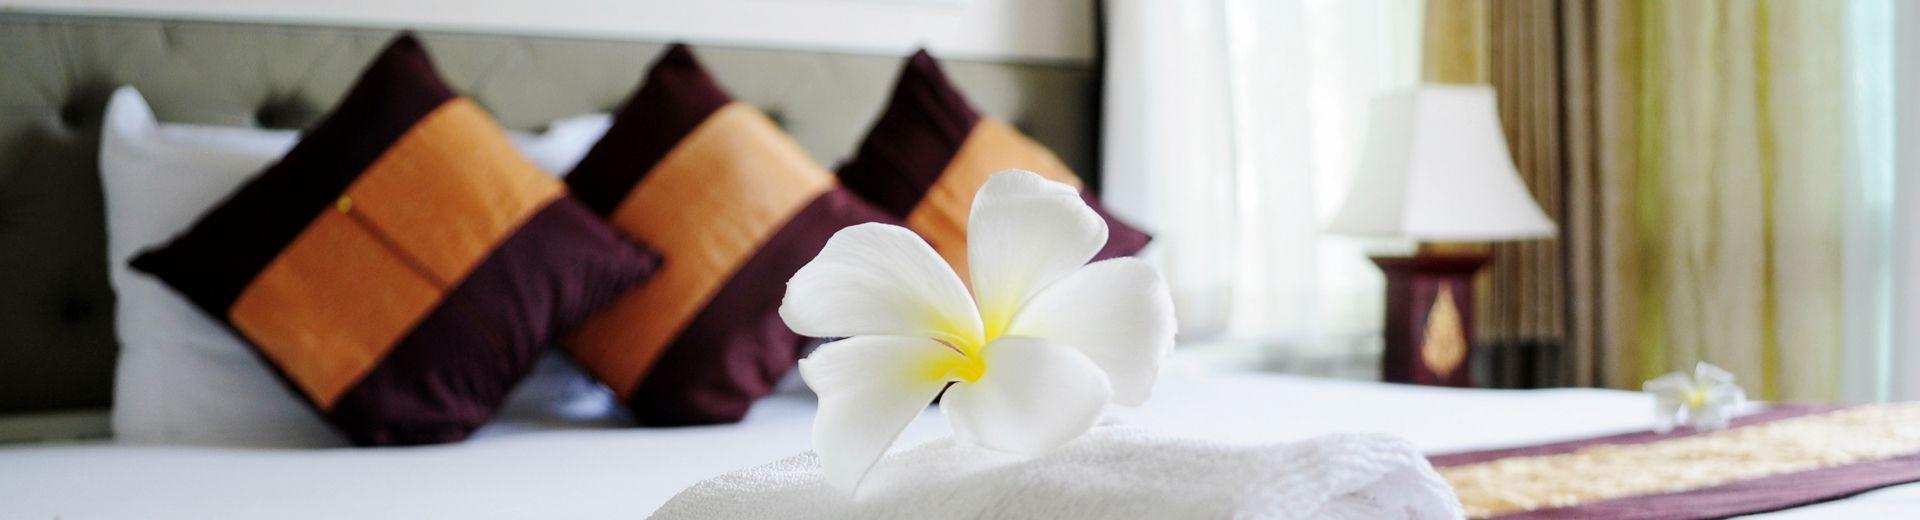 Schnell sein lohnt sich: 10 % auf Hotelbuchungen